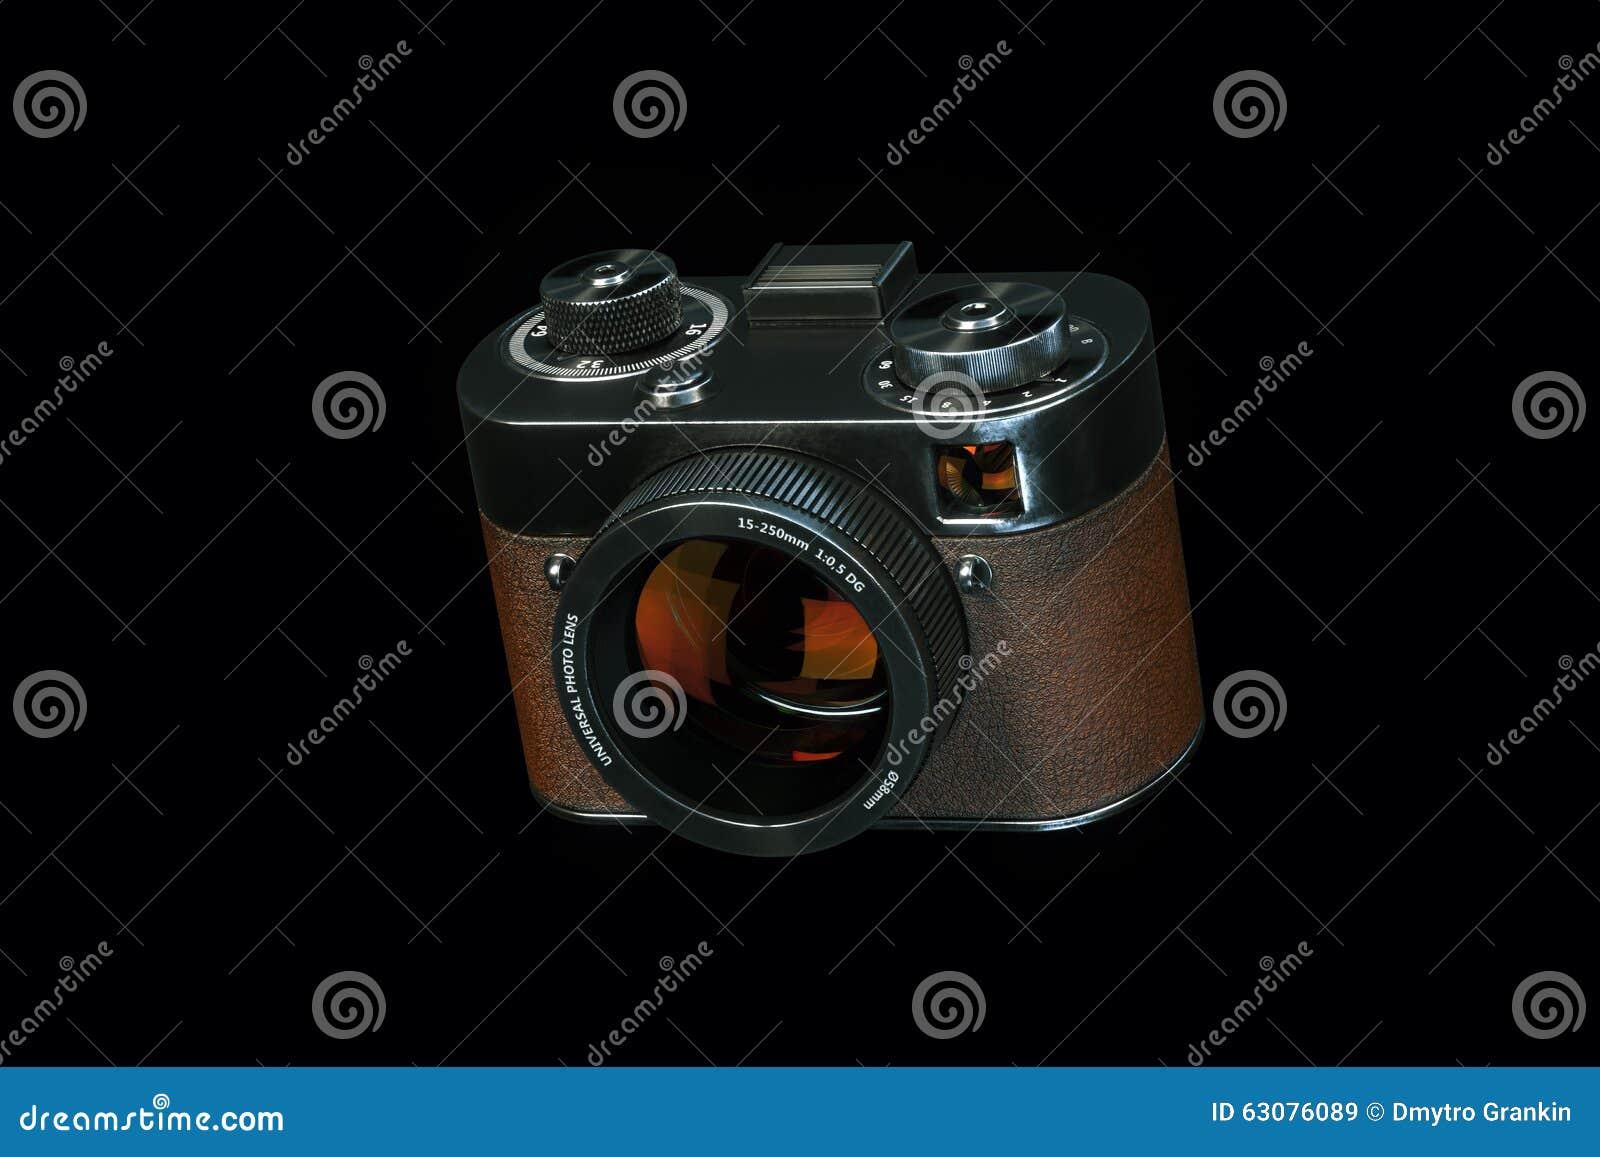 Download Rétro Appareil Photo Numérique De Style D'isolement Sur La Droite Noire Vi De Fond Illustration Stock - Illustration du fond, brun: 63076089